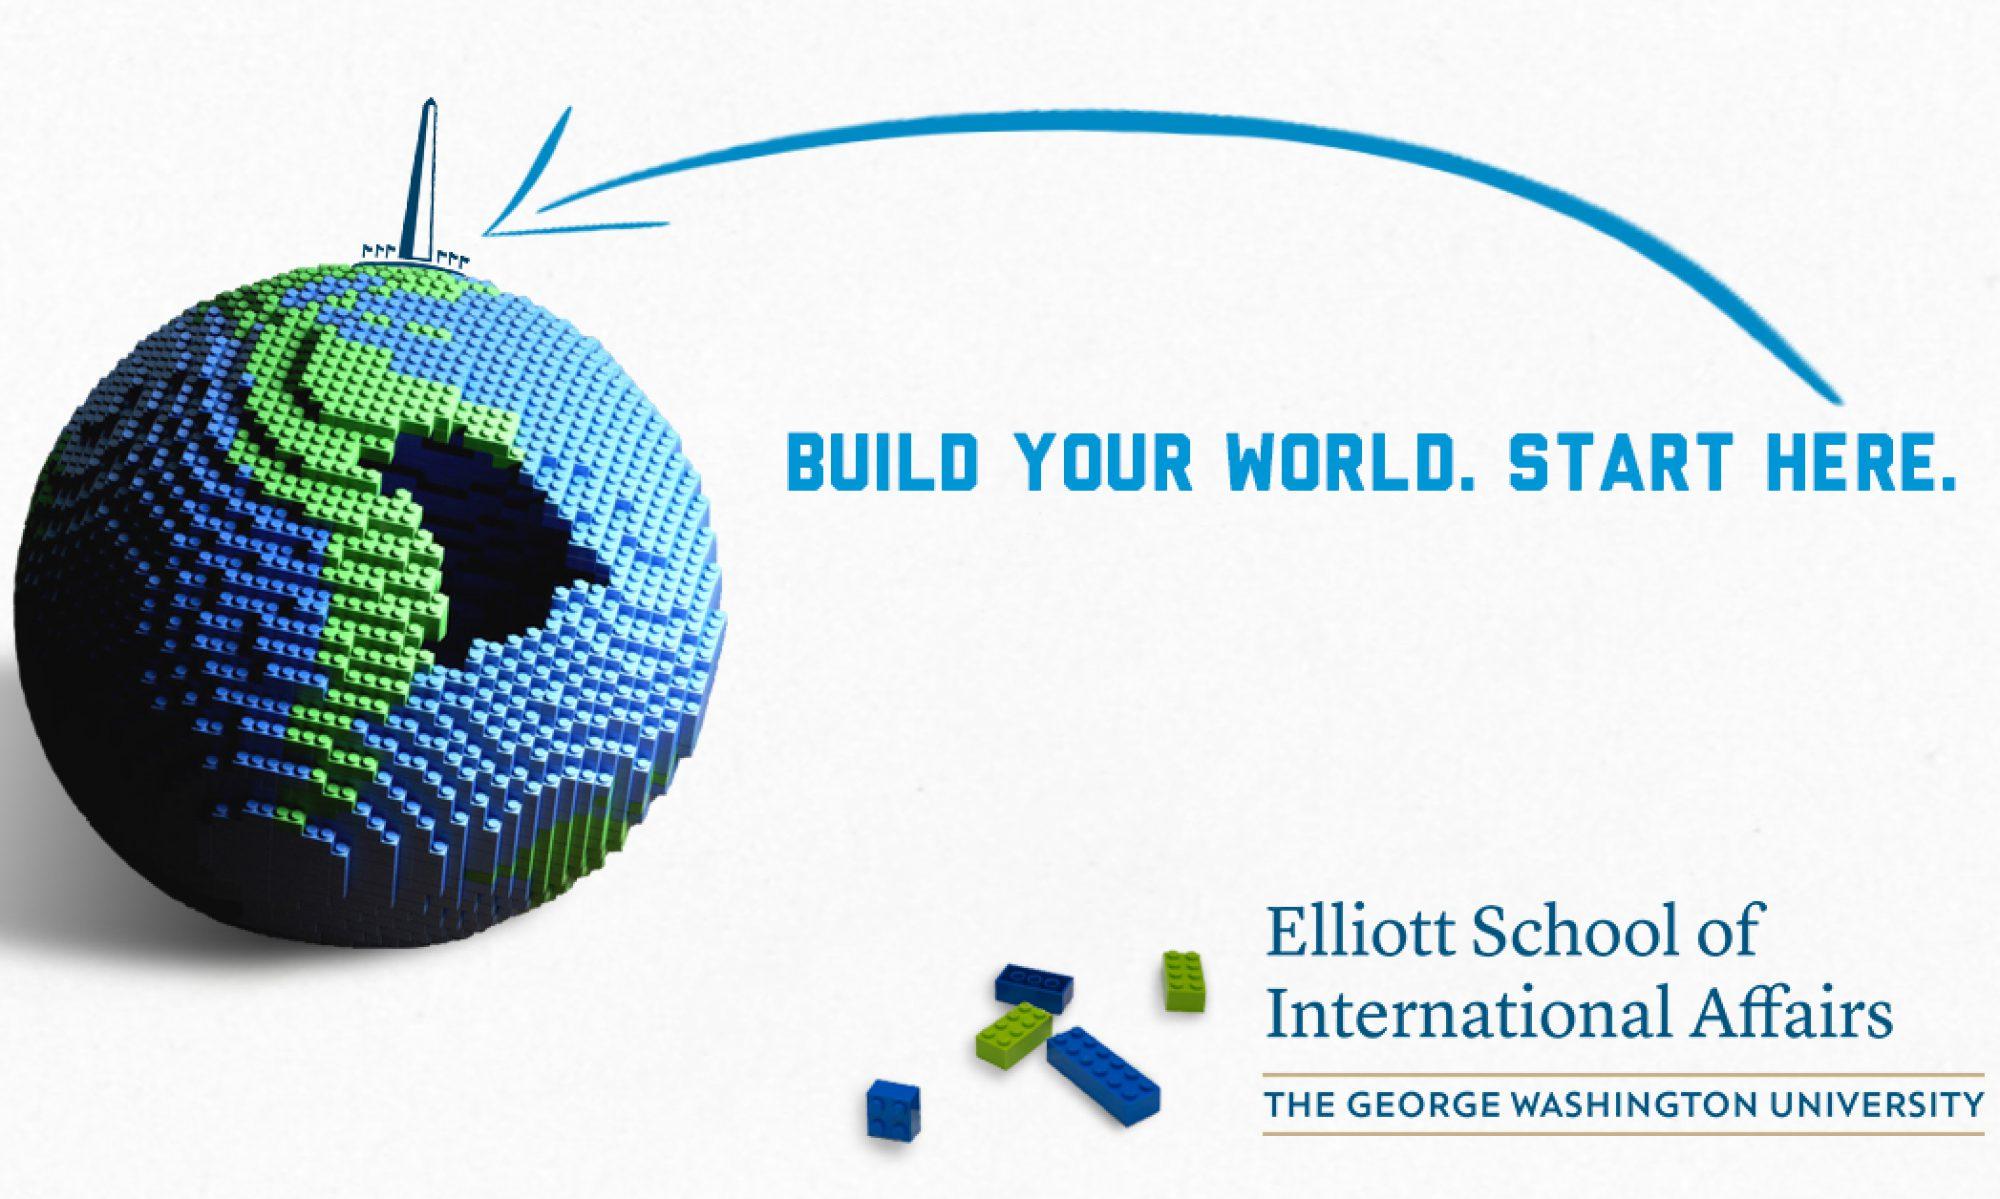 Elliott School Graduate Admissions